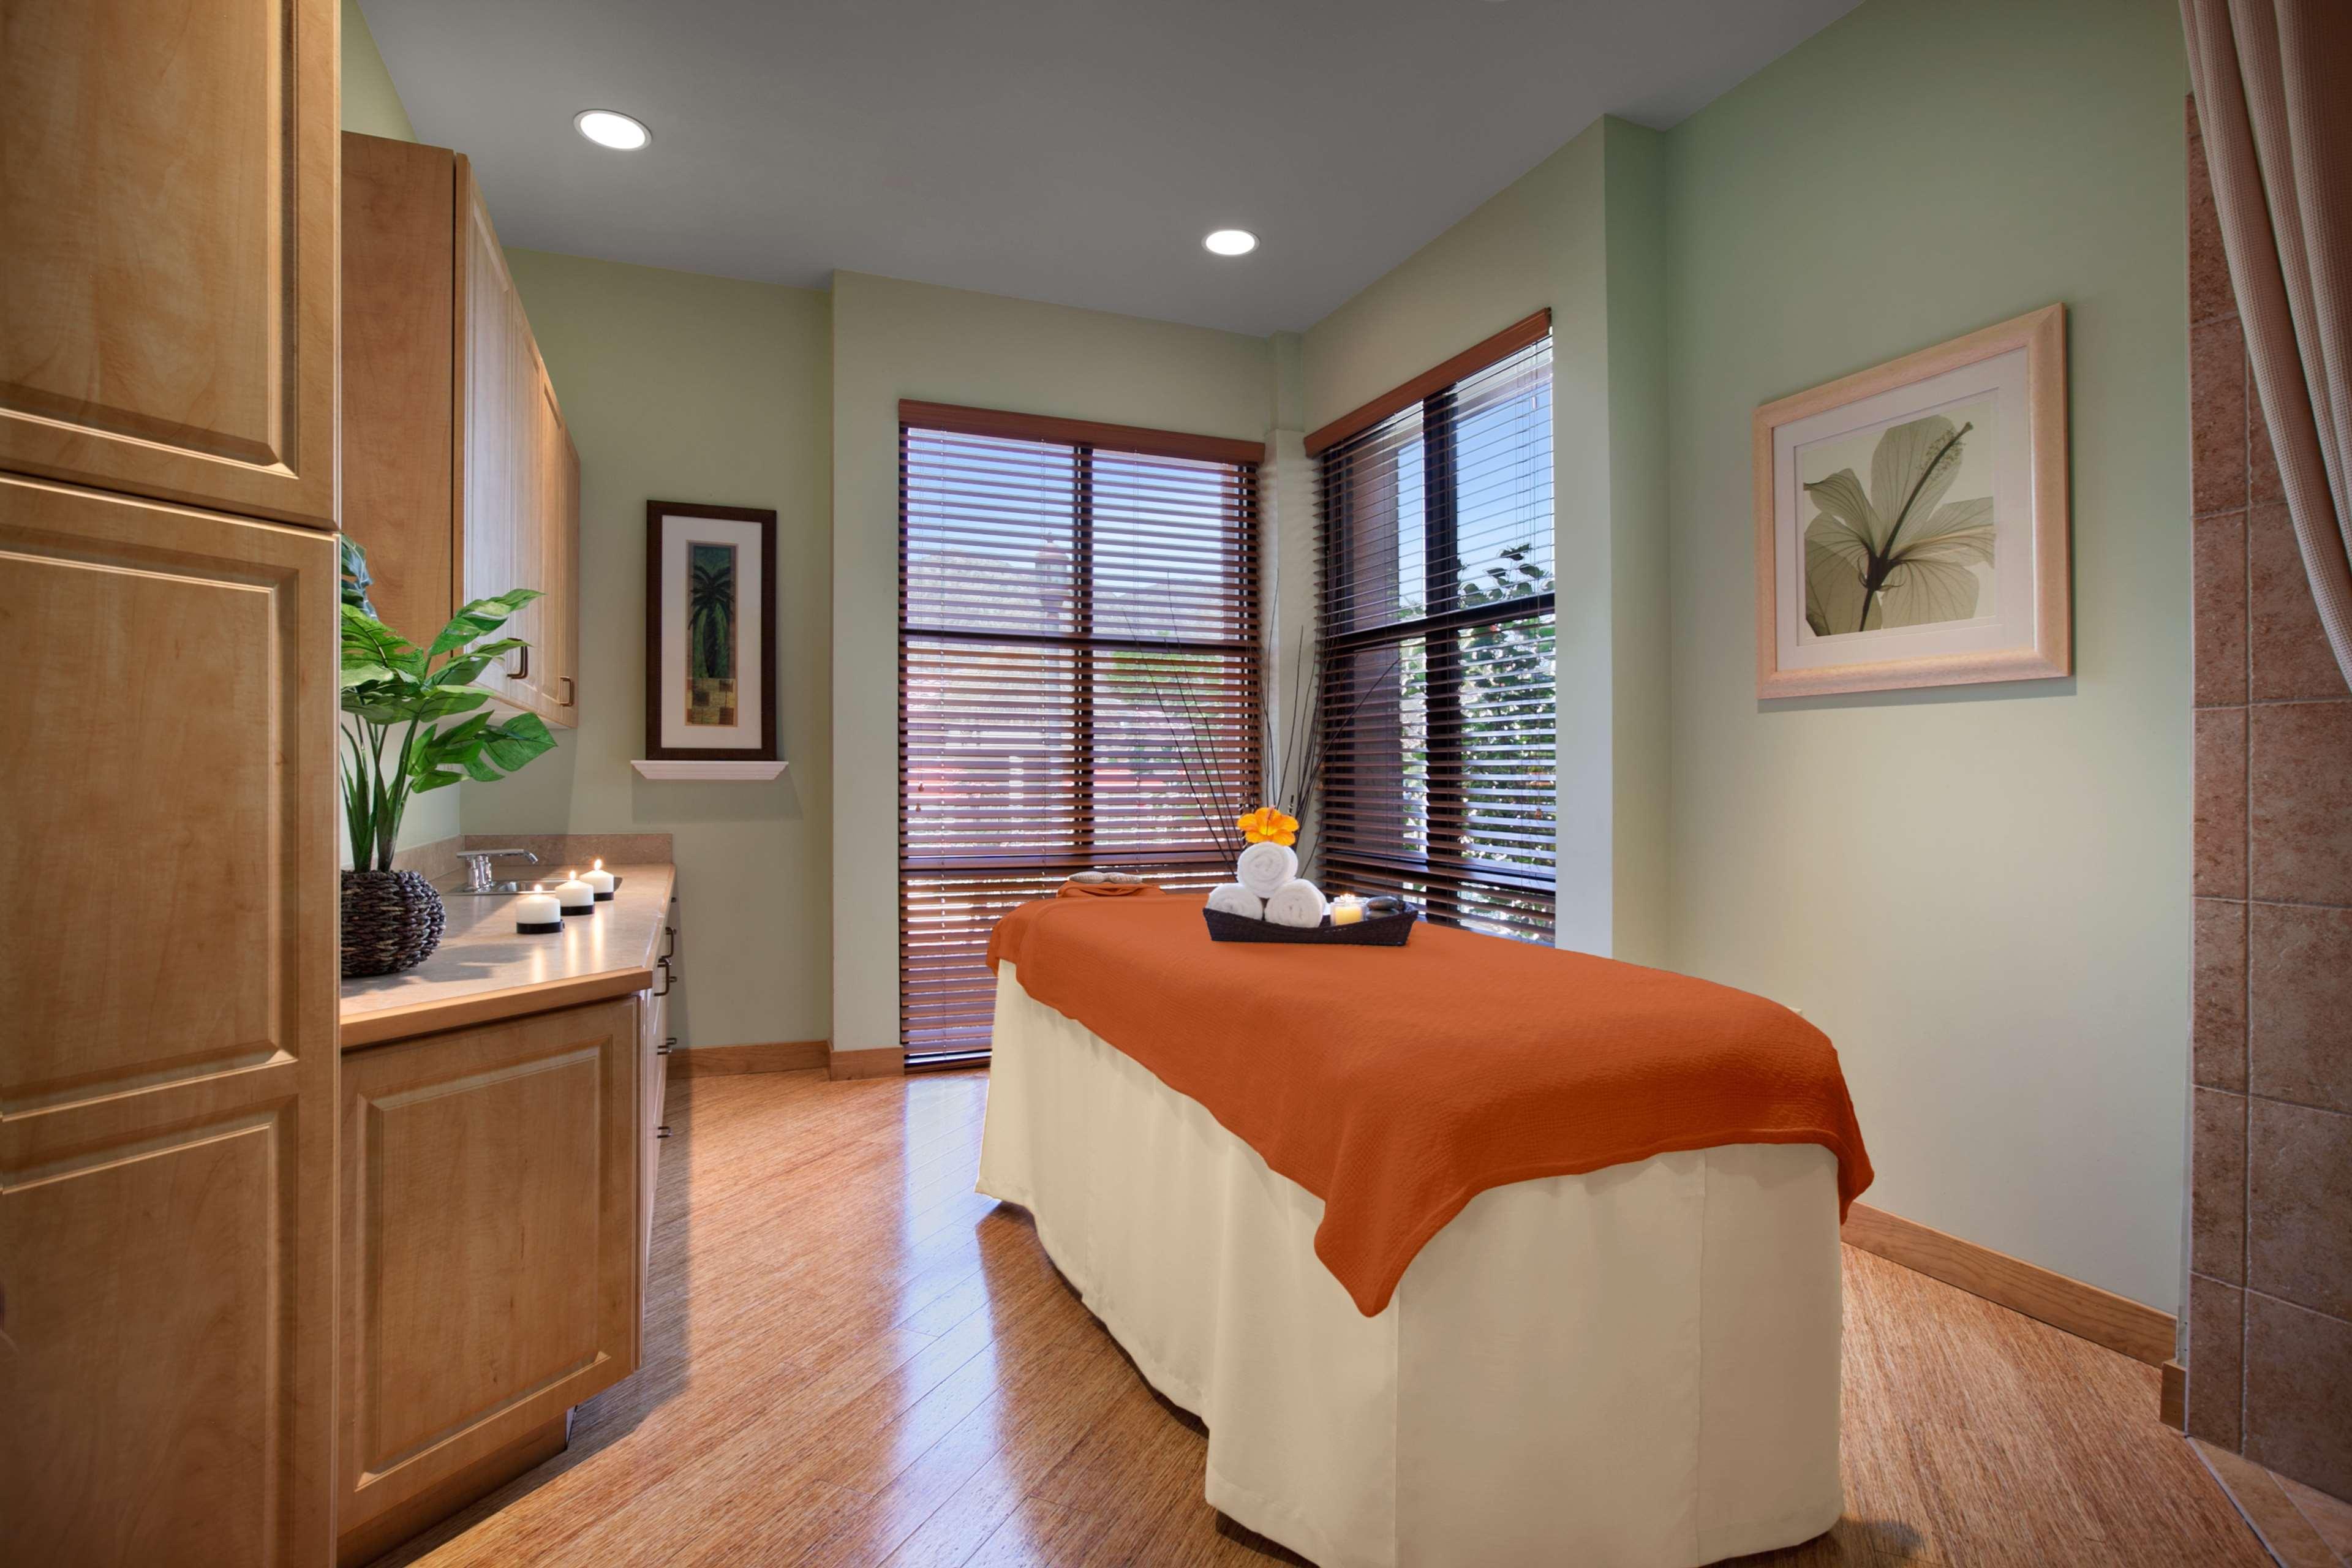 Embassy Suites by Hilton La Quinta Hotel & Spa image 38